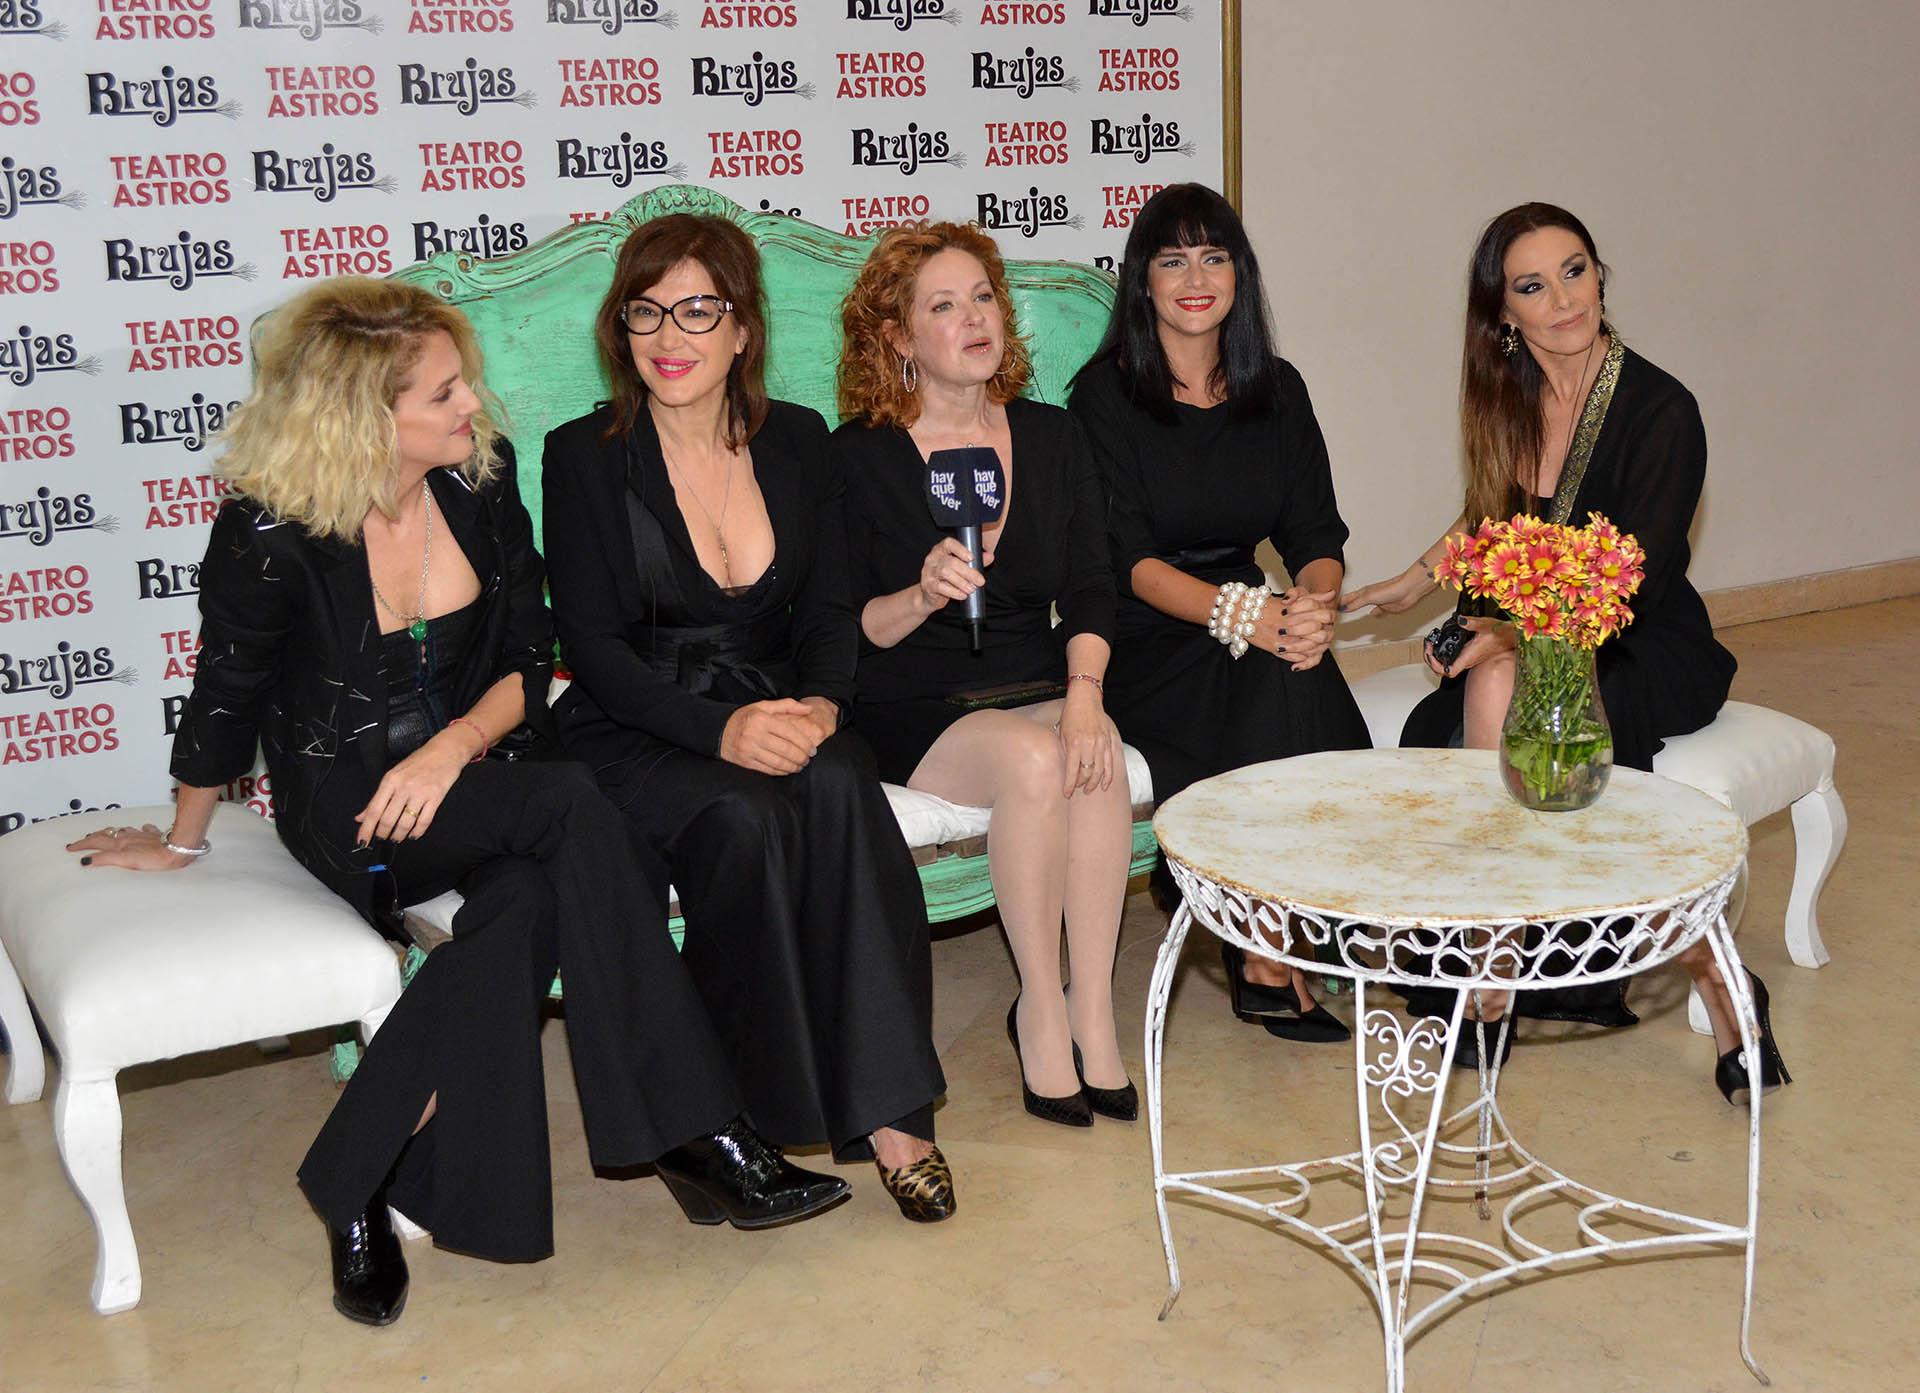 El espectáculo cuenta con la actuación de Leonora Balcarce, Andrea Bonelli, Andrea del Boca, Romina Richi y Viviana Saccone